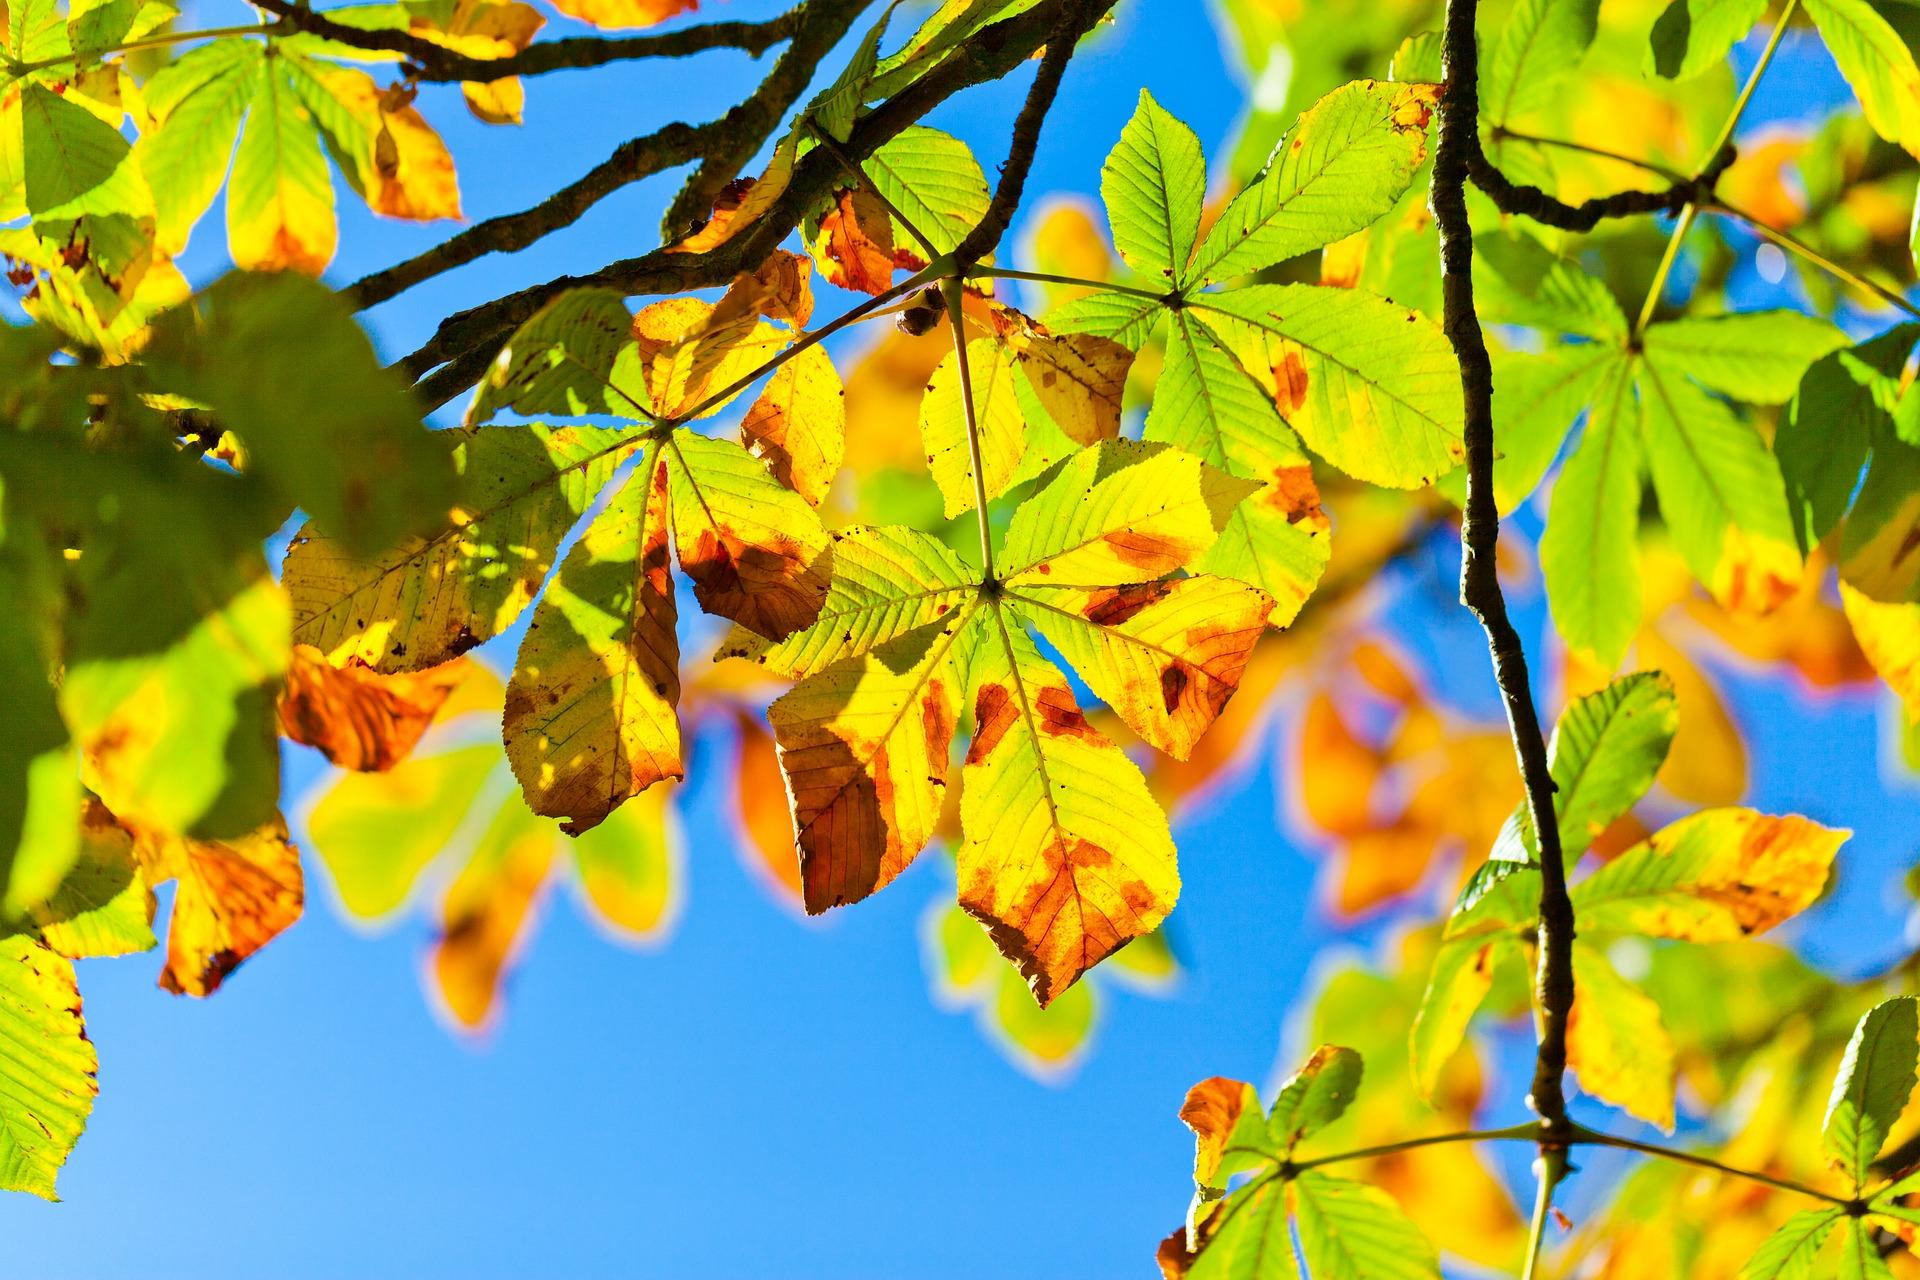 tree leaf identification; Chestnut Tree